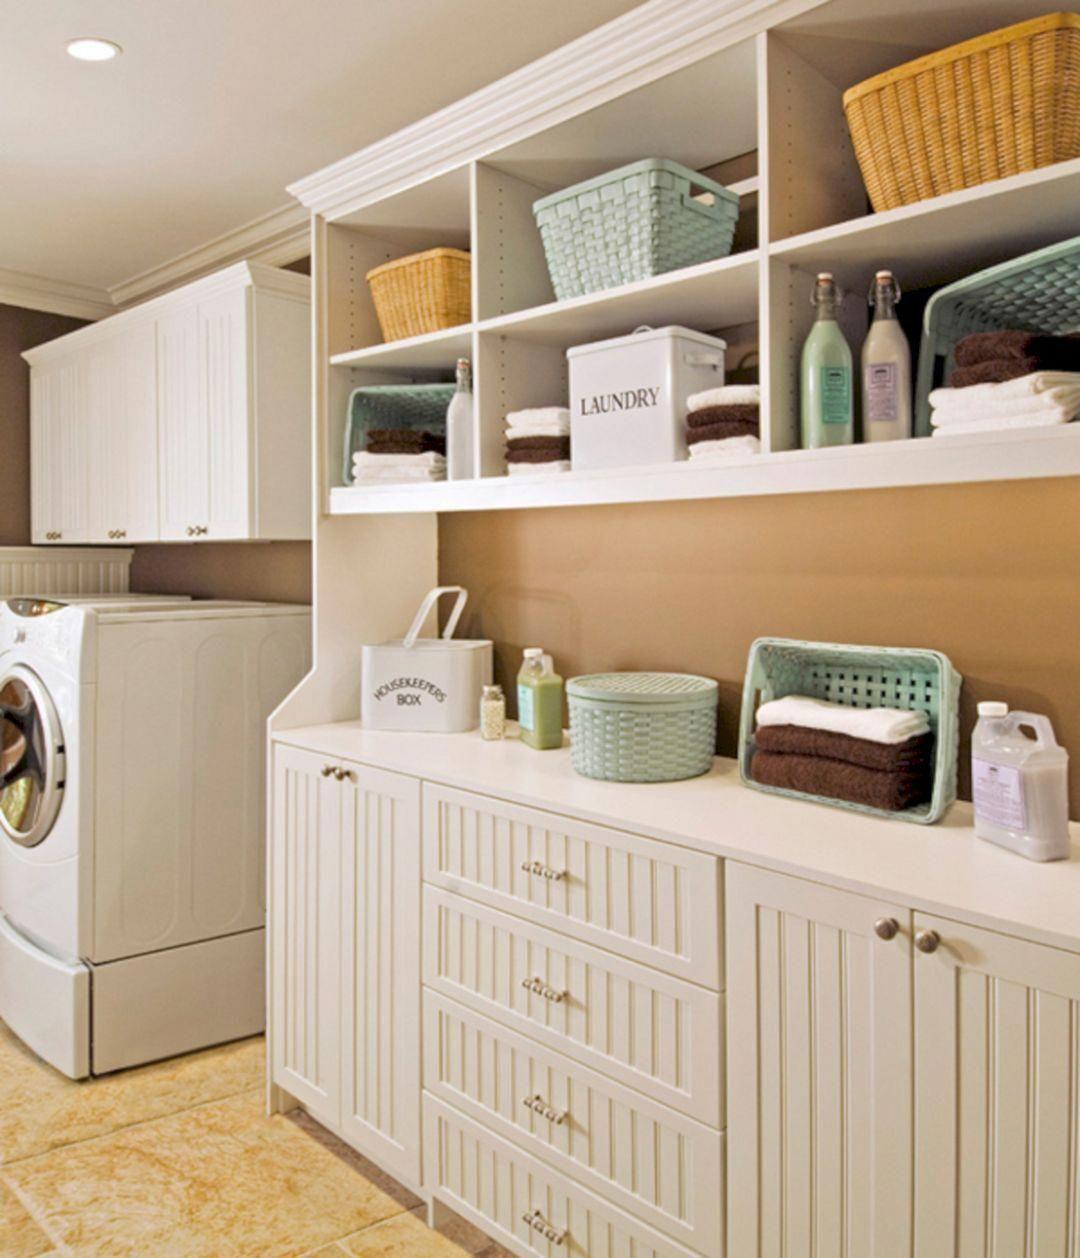 Laundry Room Storage Ideas 15 Laundryroomstorageideas